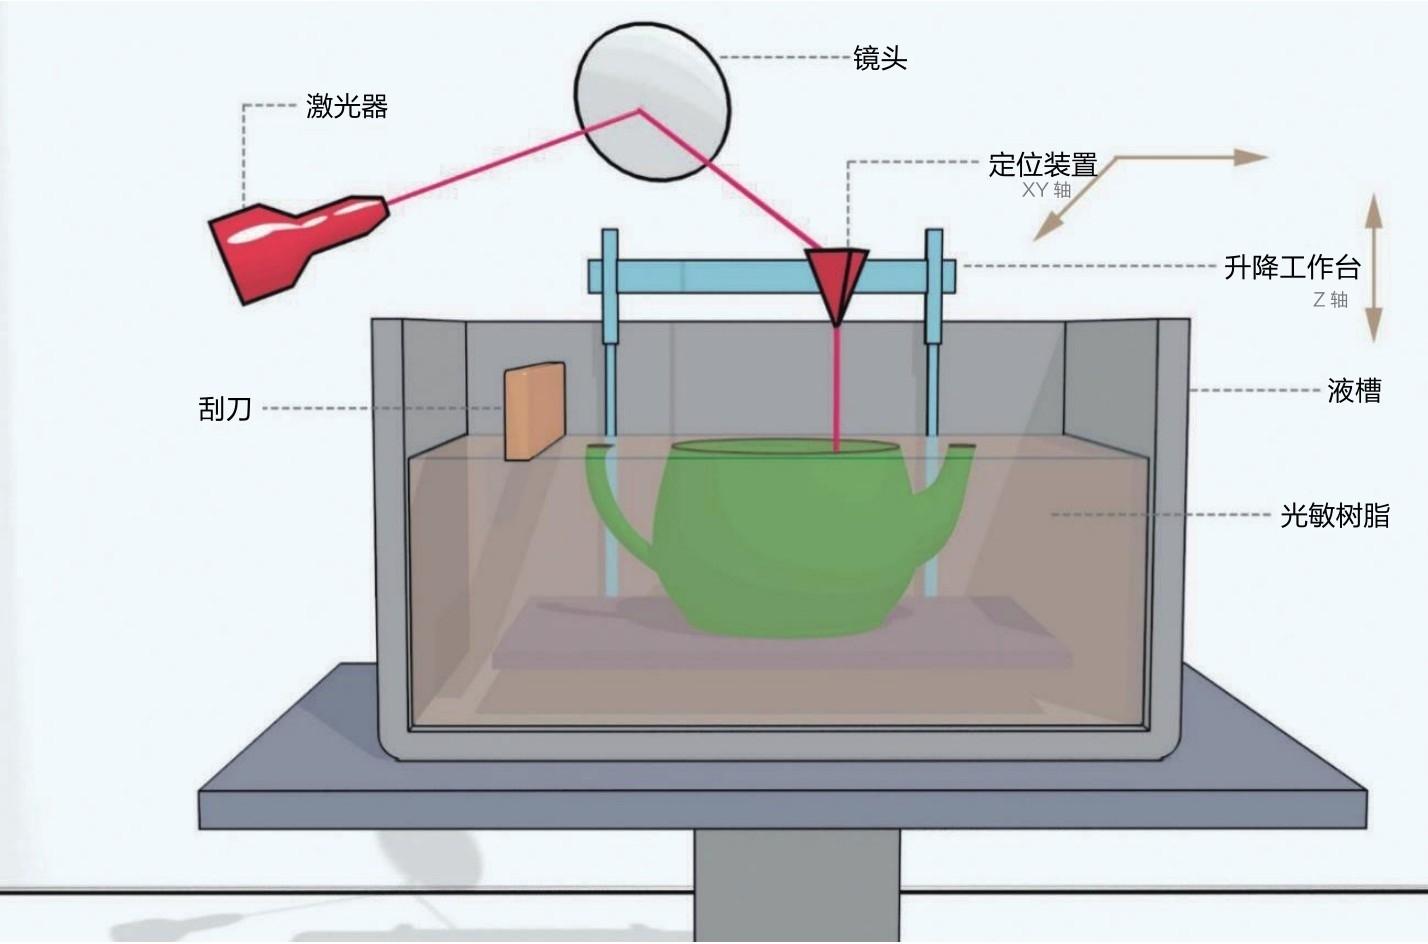 什么是光固化成型SLA?简述光固化成型SLA的技术原理